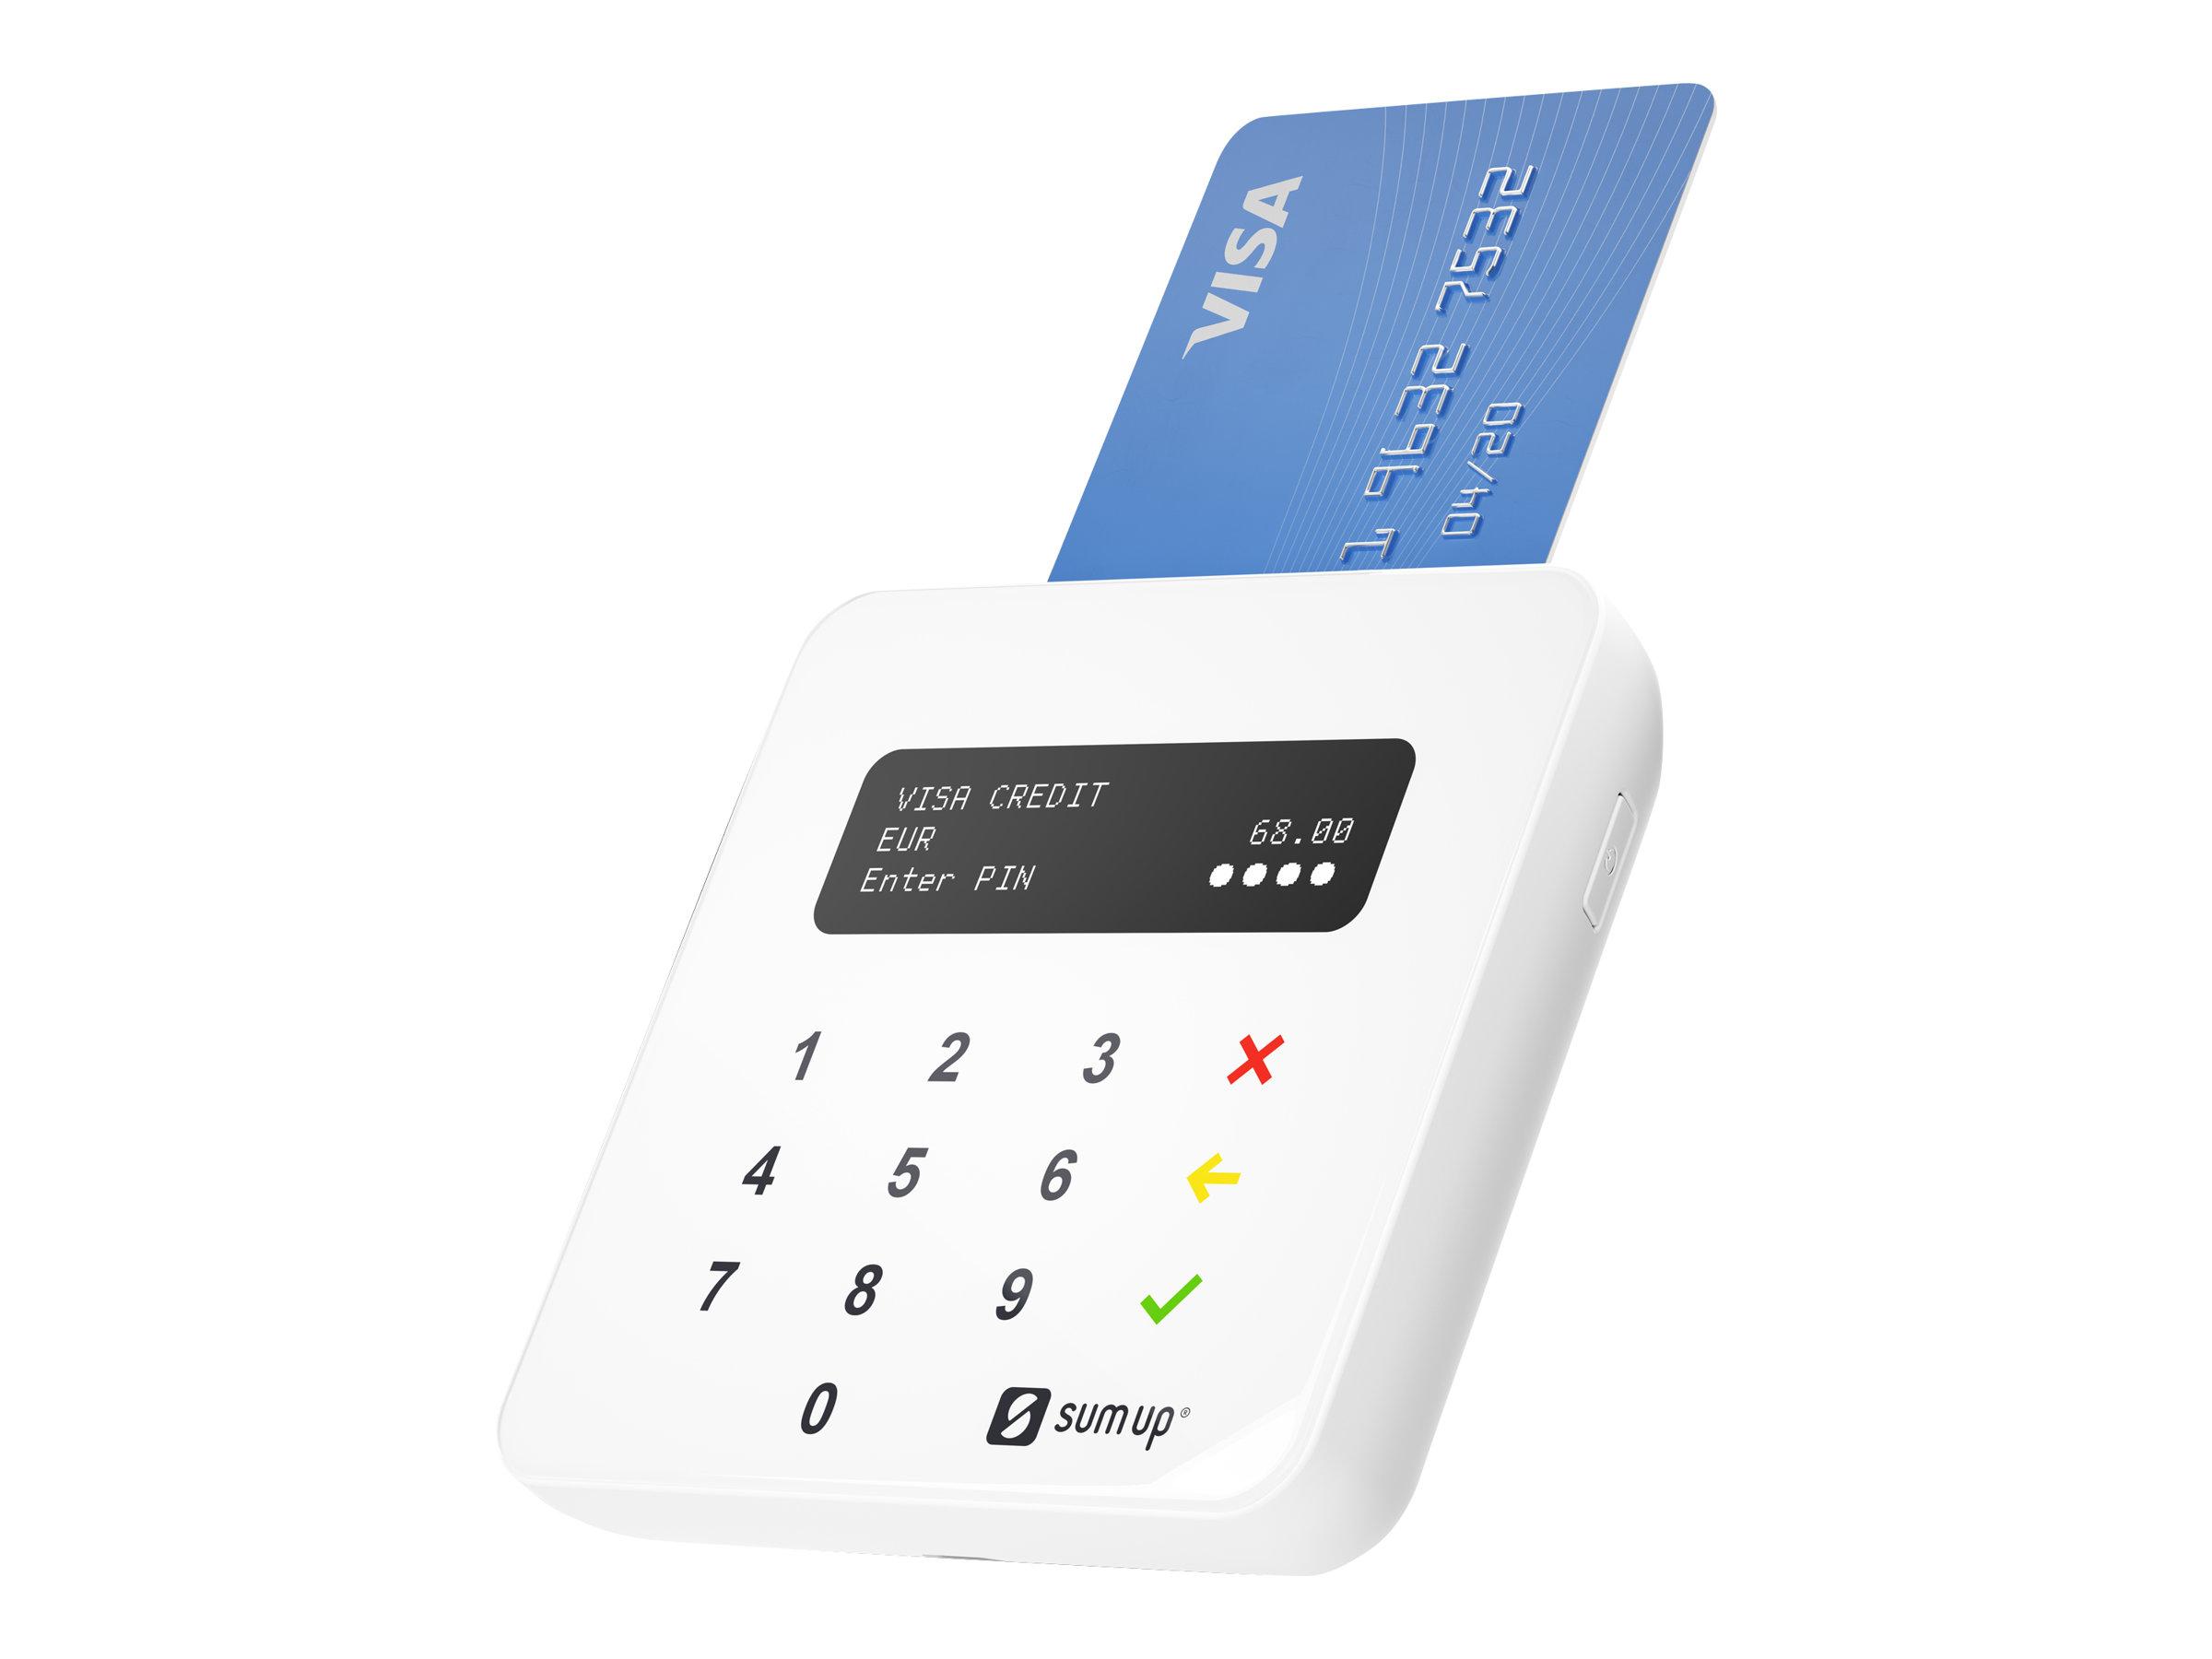 SumUp Air - Magnetisch/SMART Karte/NFC-Leser (Spuren 1, 2 & 3) - Bluetooth